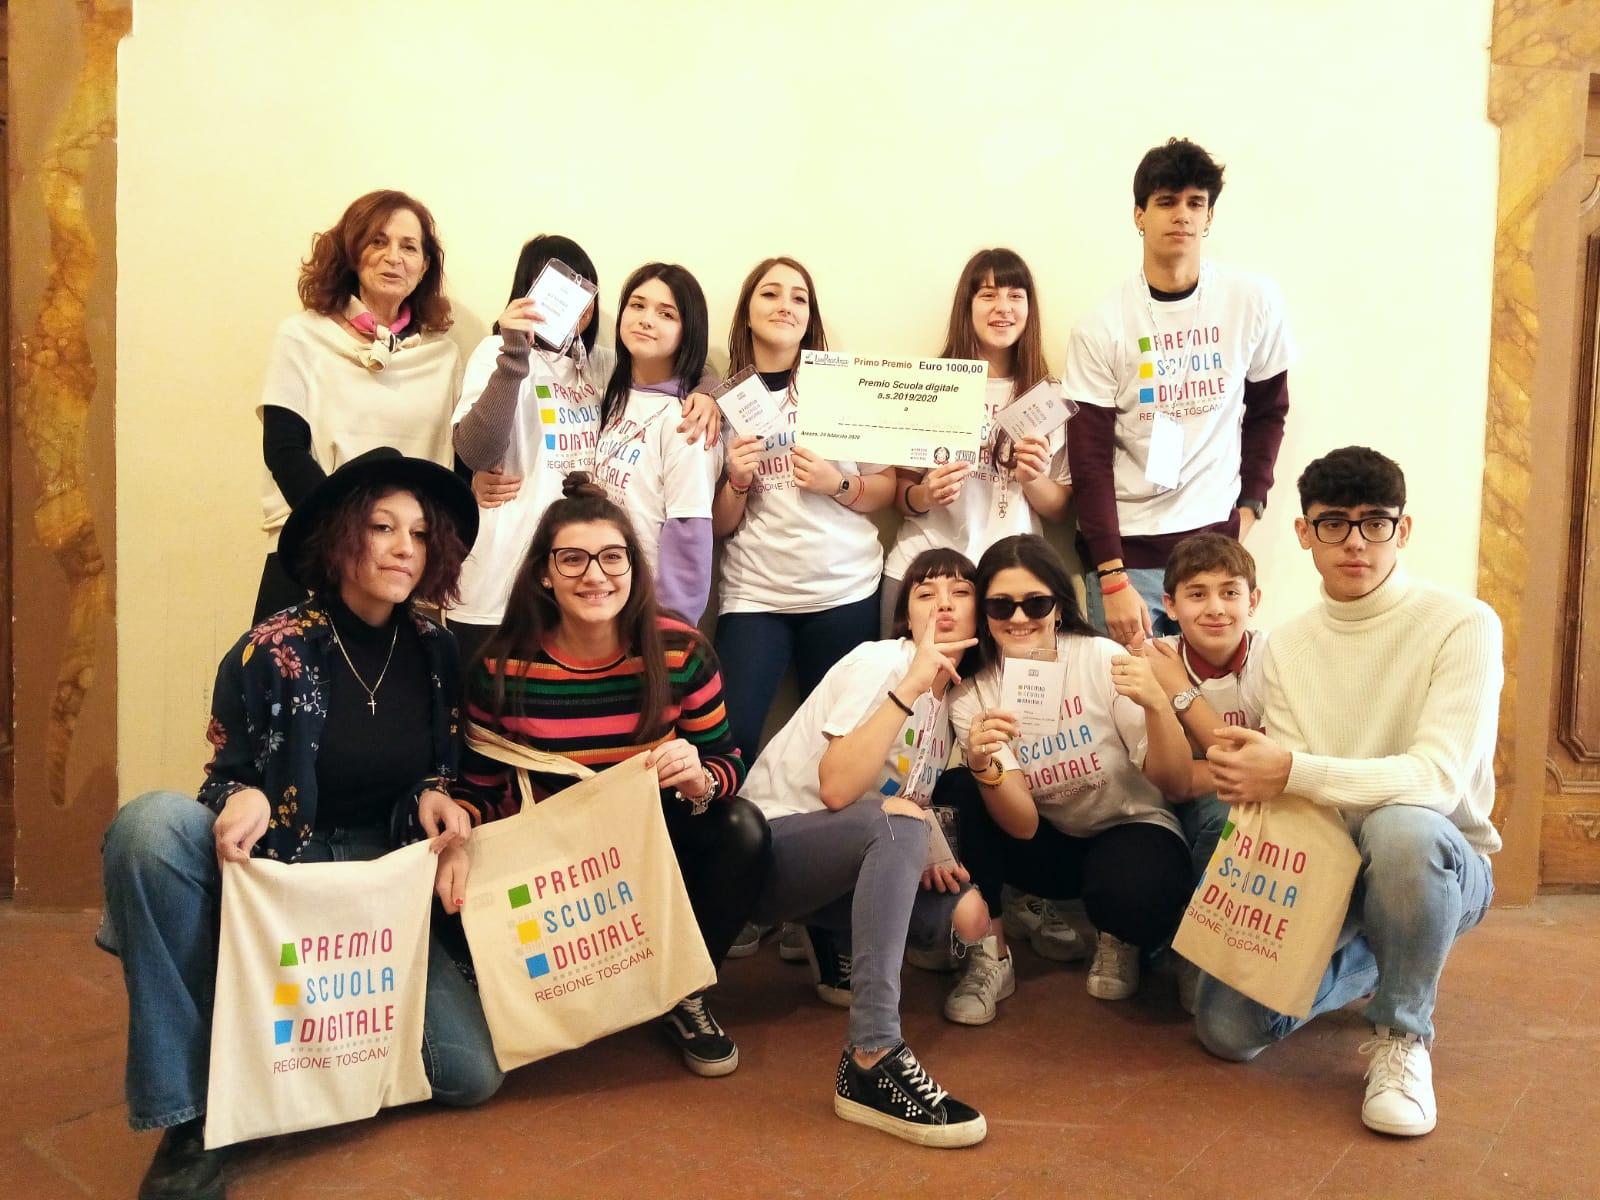 L'Istituto Superiore Luca Signorelli di Cortona vince la fase provinciale del Premio Scuola Digitale